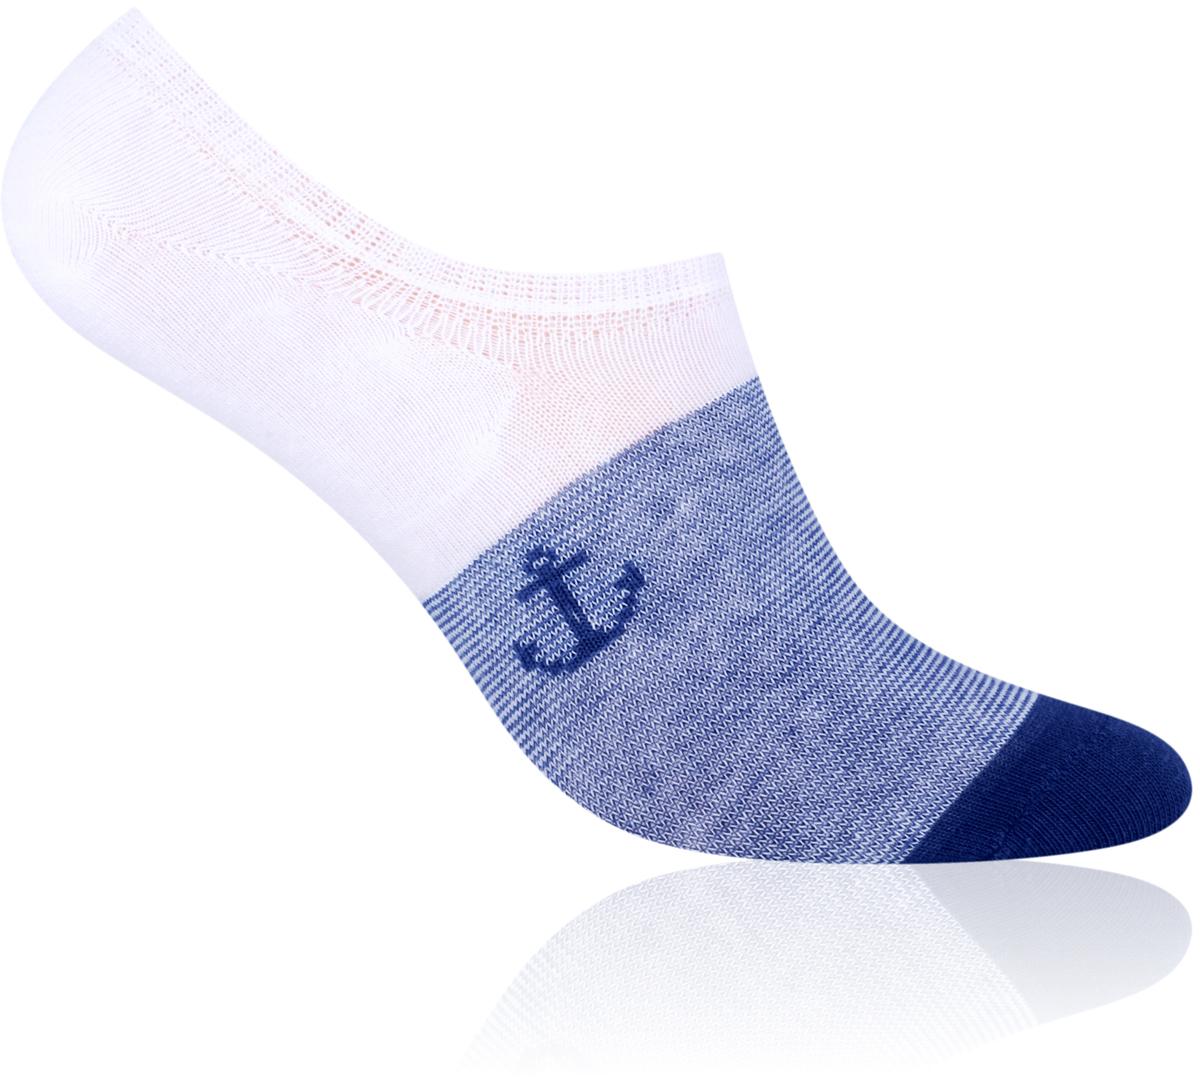 Носки подростковые Steven, цвет: белый, синий. 150 (MS019). Размер 35/37 скатерти towa готовая скатерть ажурная dia rose круг д 152 бел